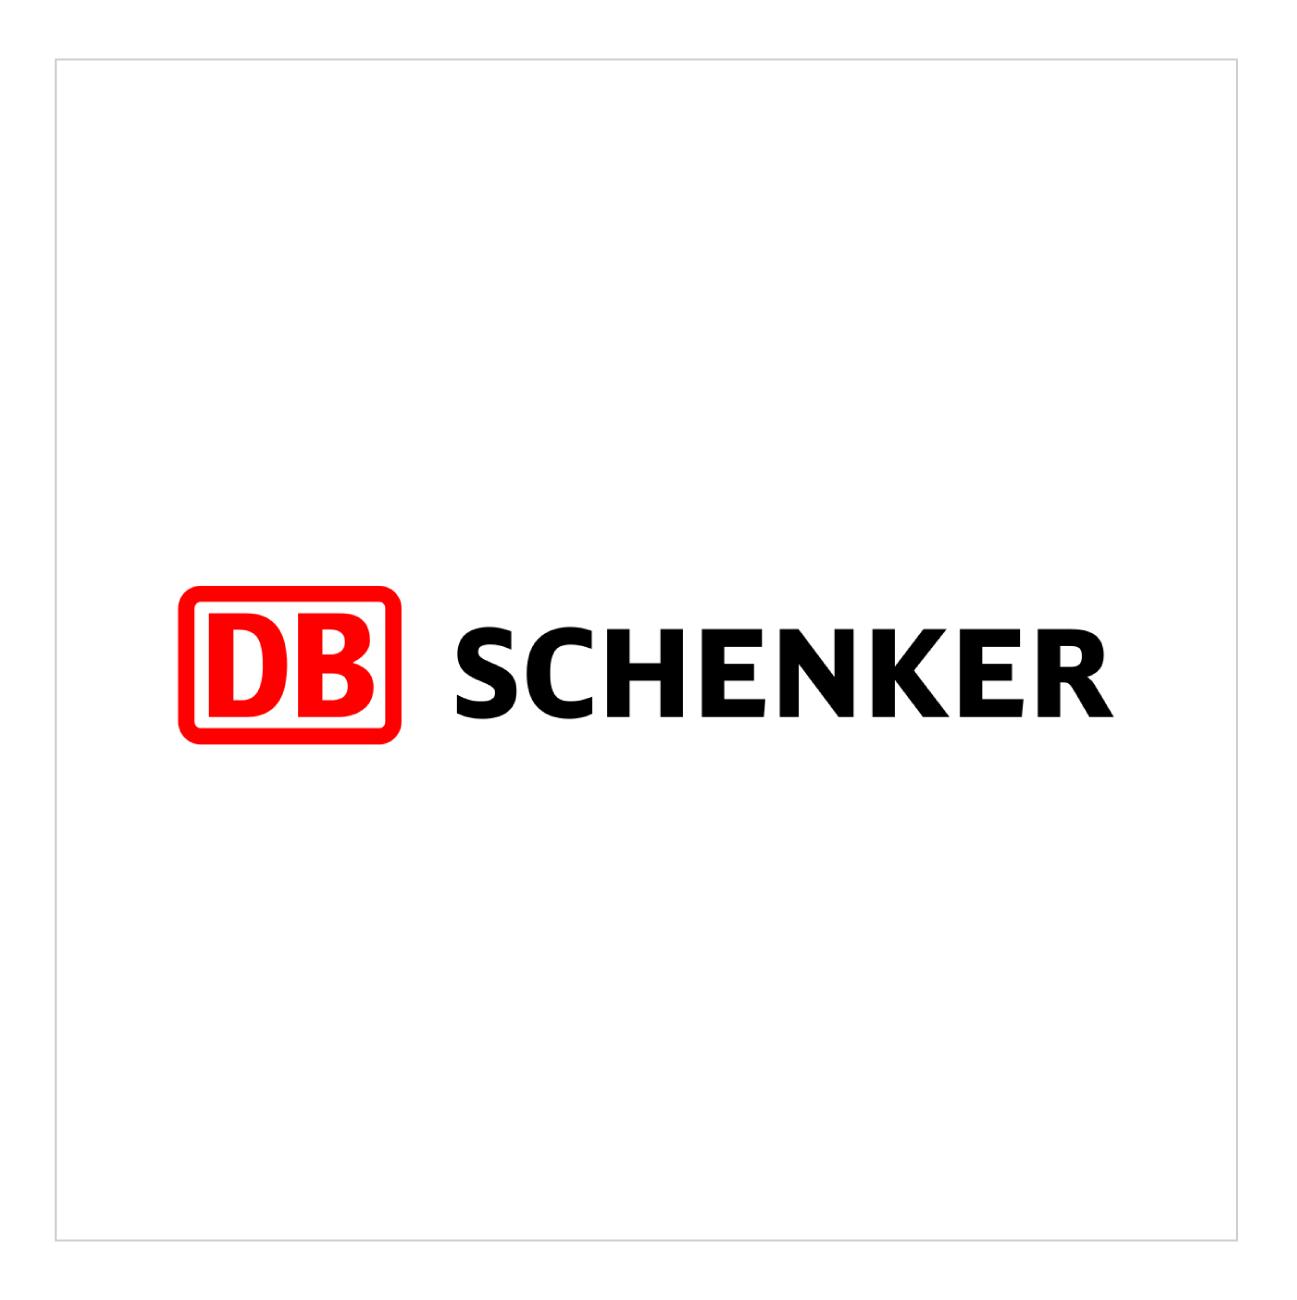 Schenker.png